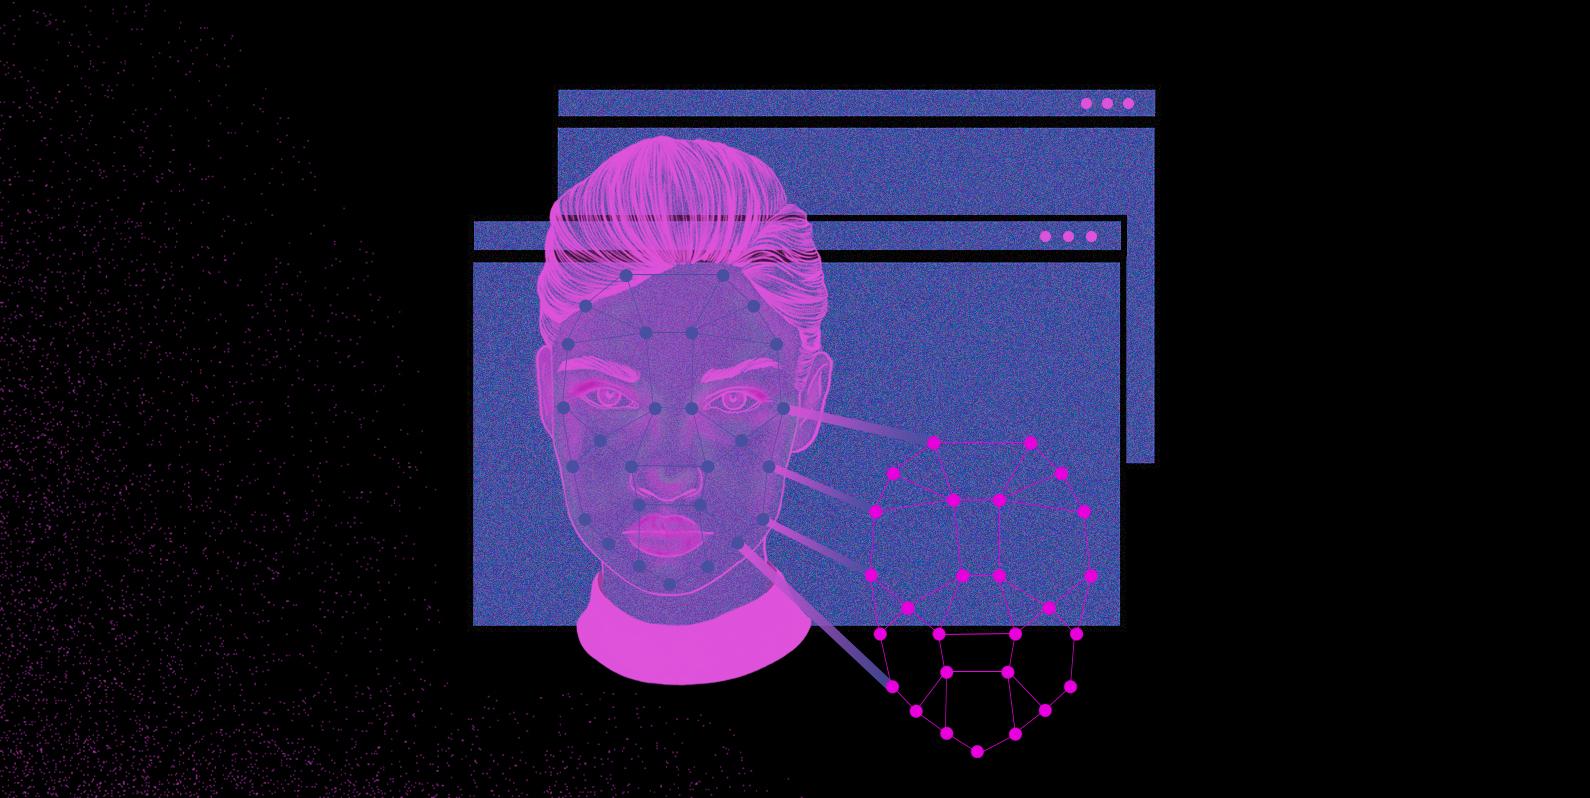 EUA planejam aumentar o uso de tecnologia de reconhecimento facial